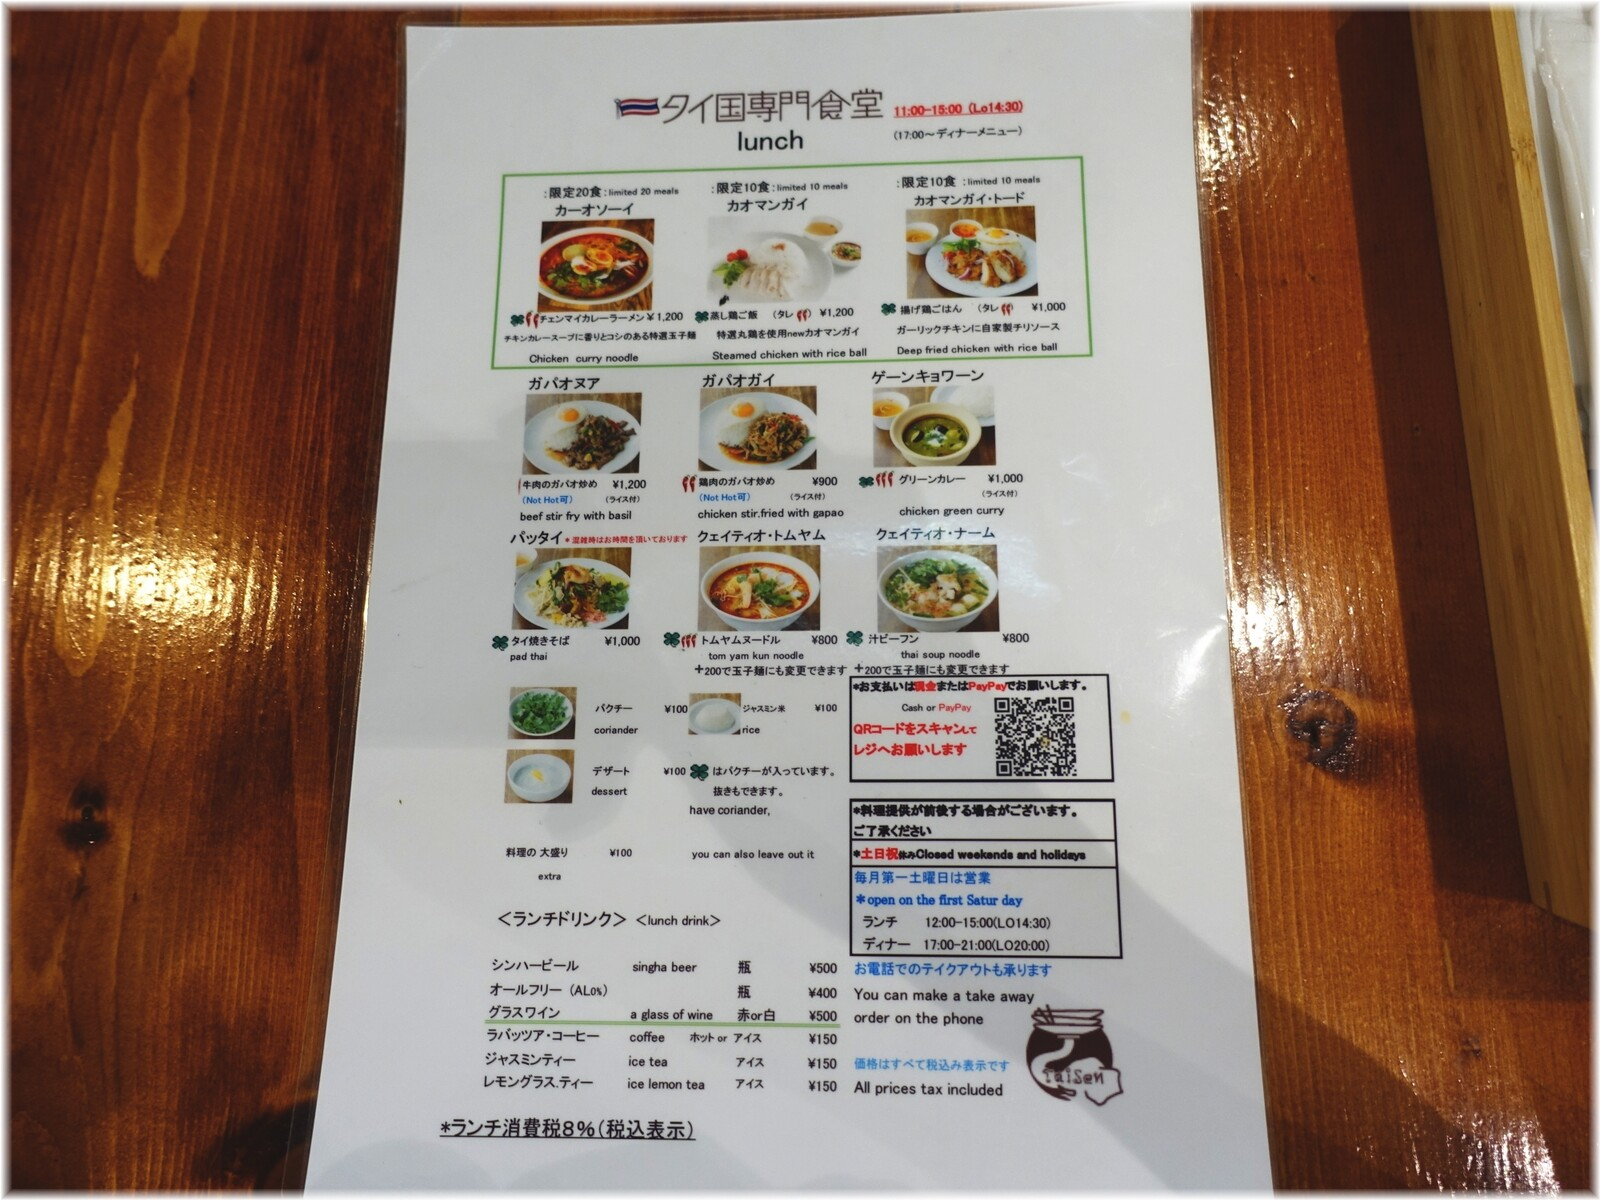 タイ国専門食堂 ランチメニュー